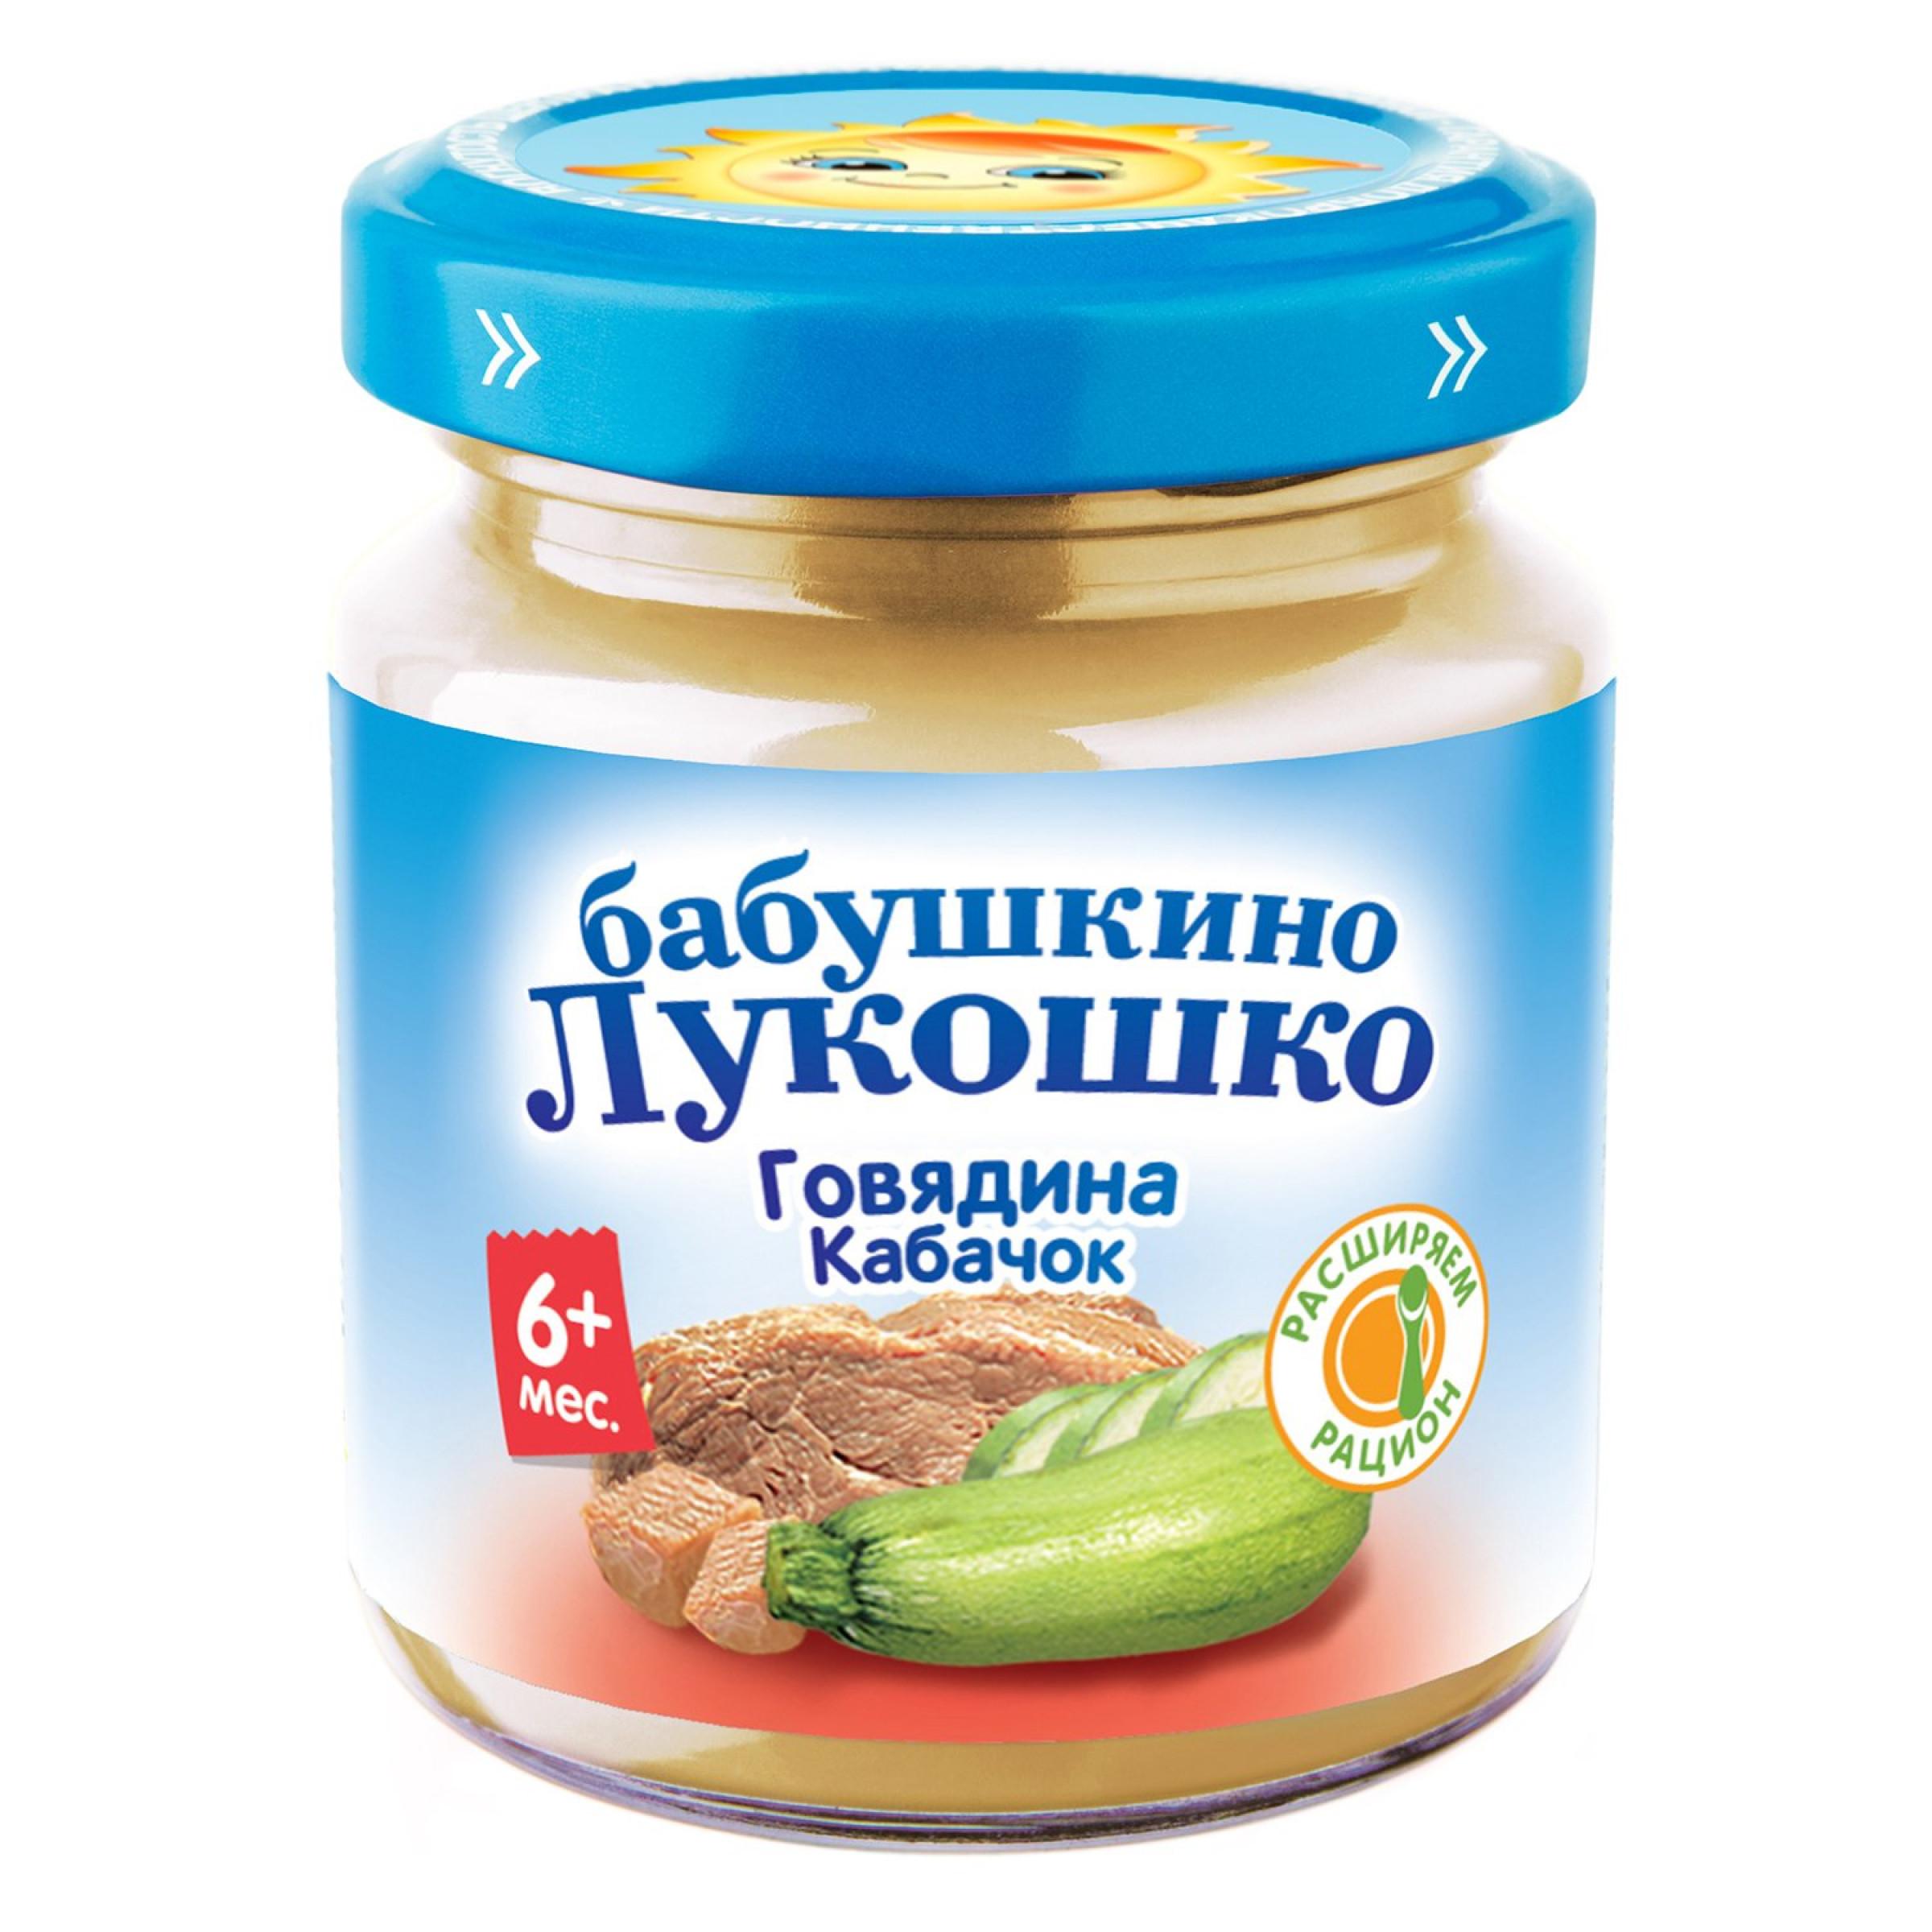 """Пюре мясное из говядины с кабачками с 6 месяцев """"Бабушкино лукошко"""", 100гр"""